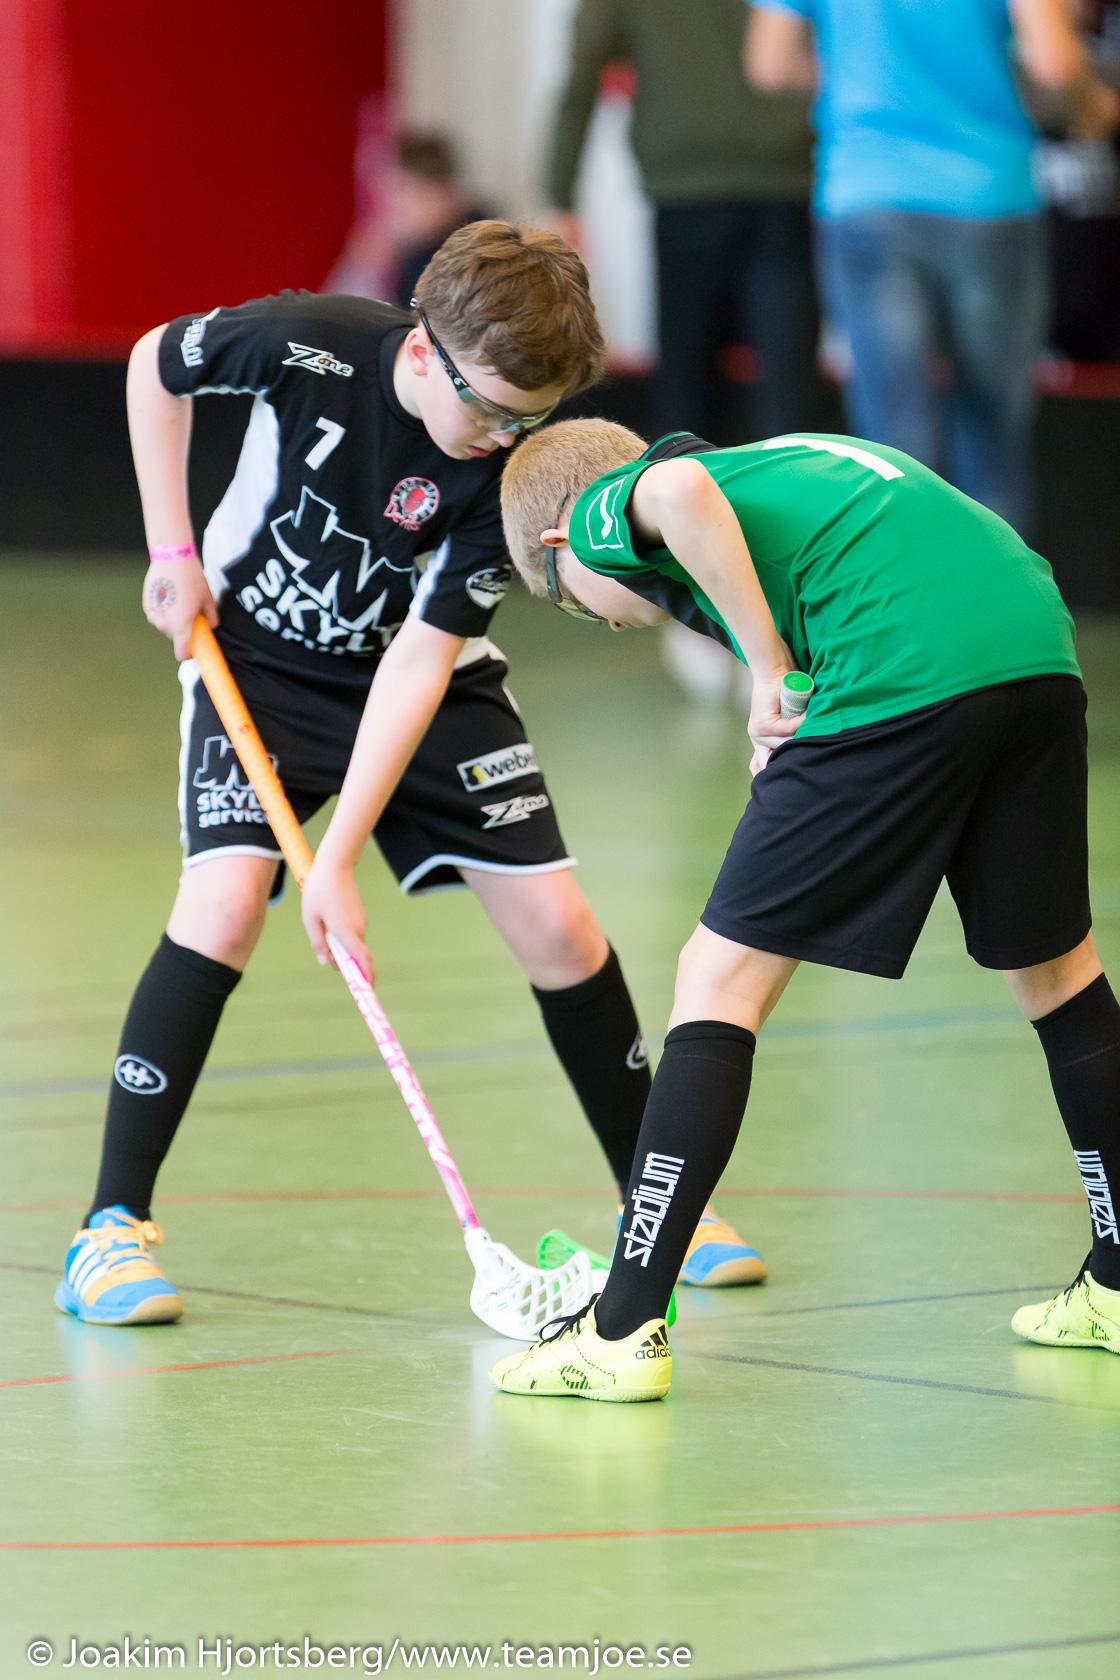 20160409_1626-2 Örebrocupen